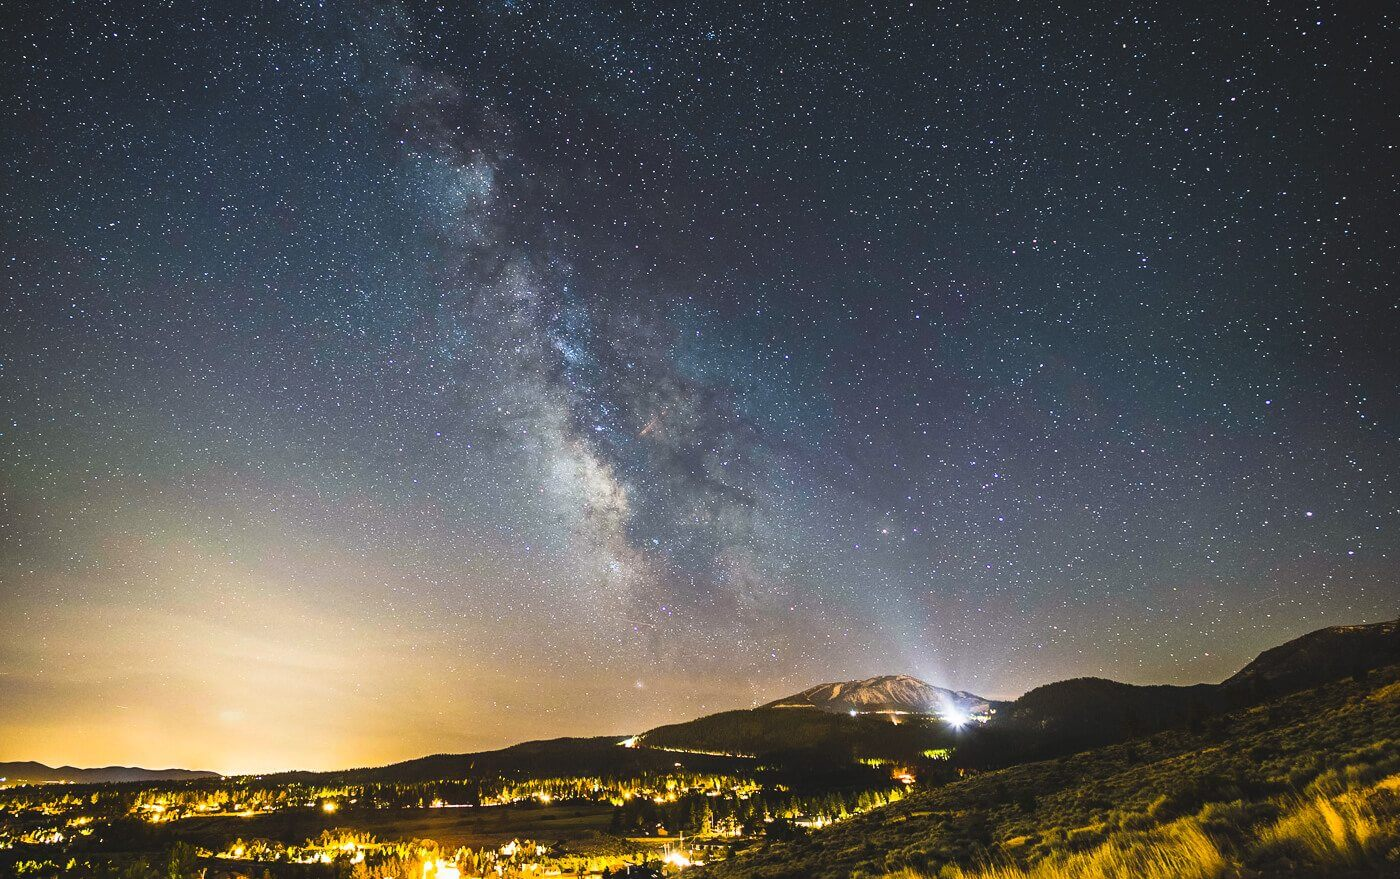 Descubra como tirar fotos da Via Láctea usando seu smartphone 2